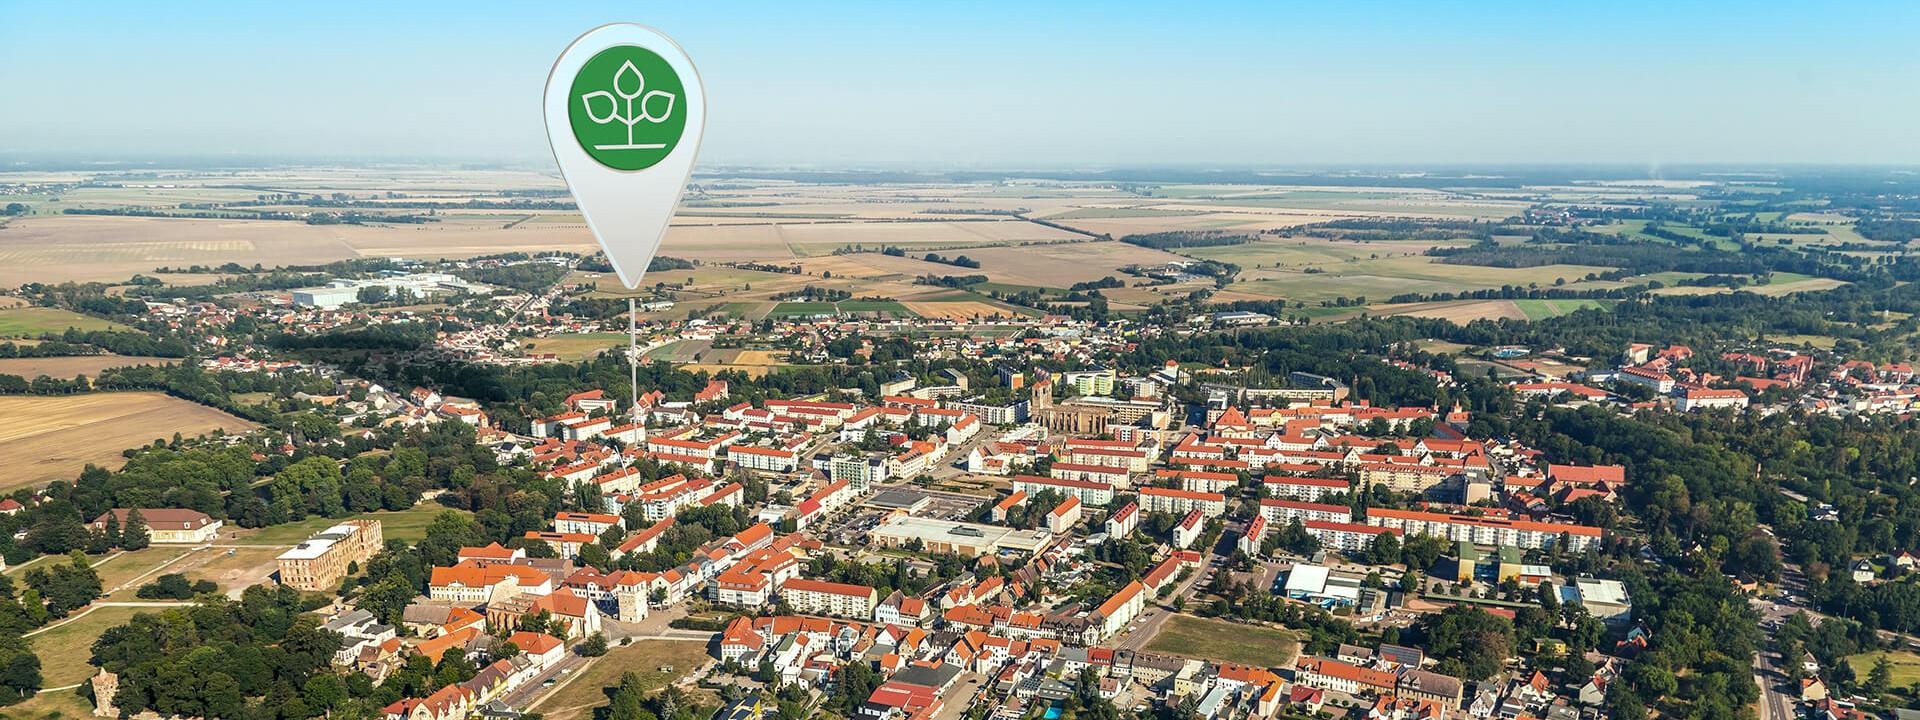 Luftbild von Zerbst